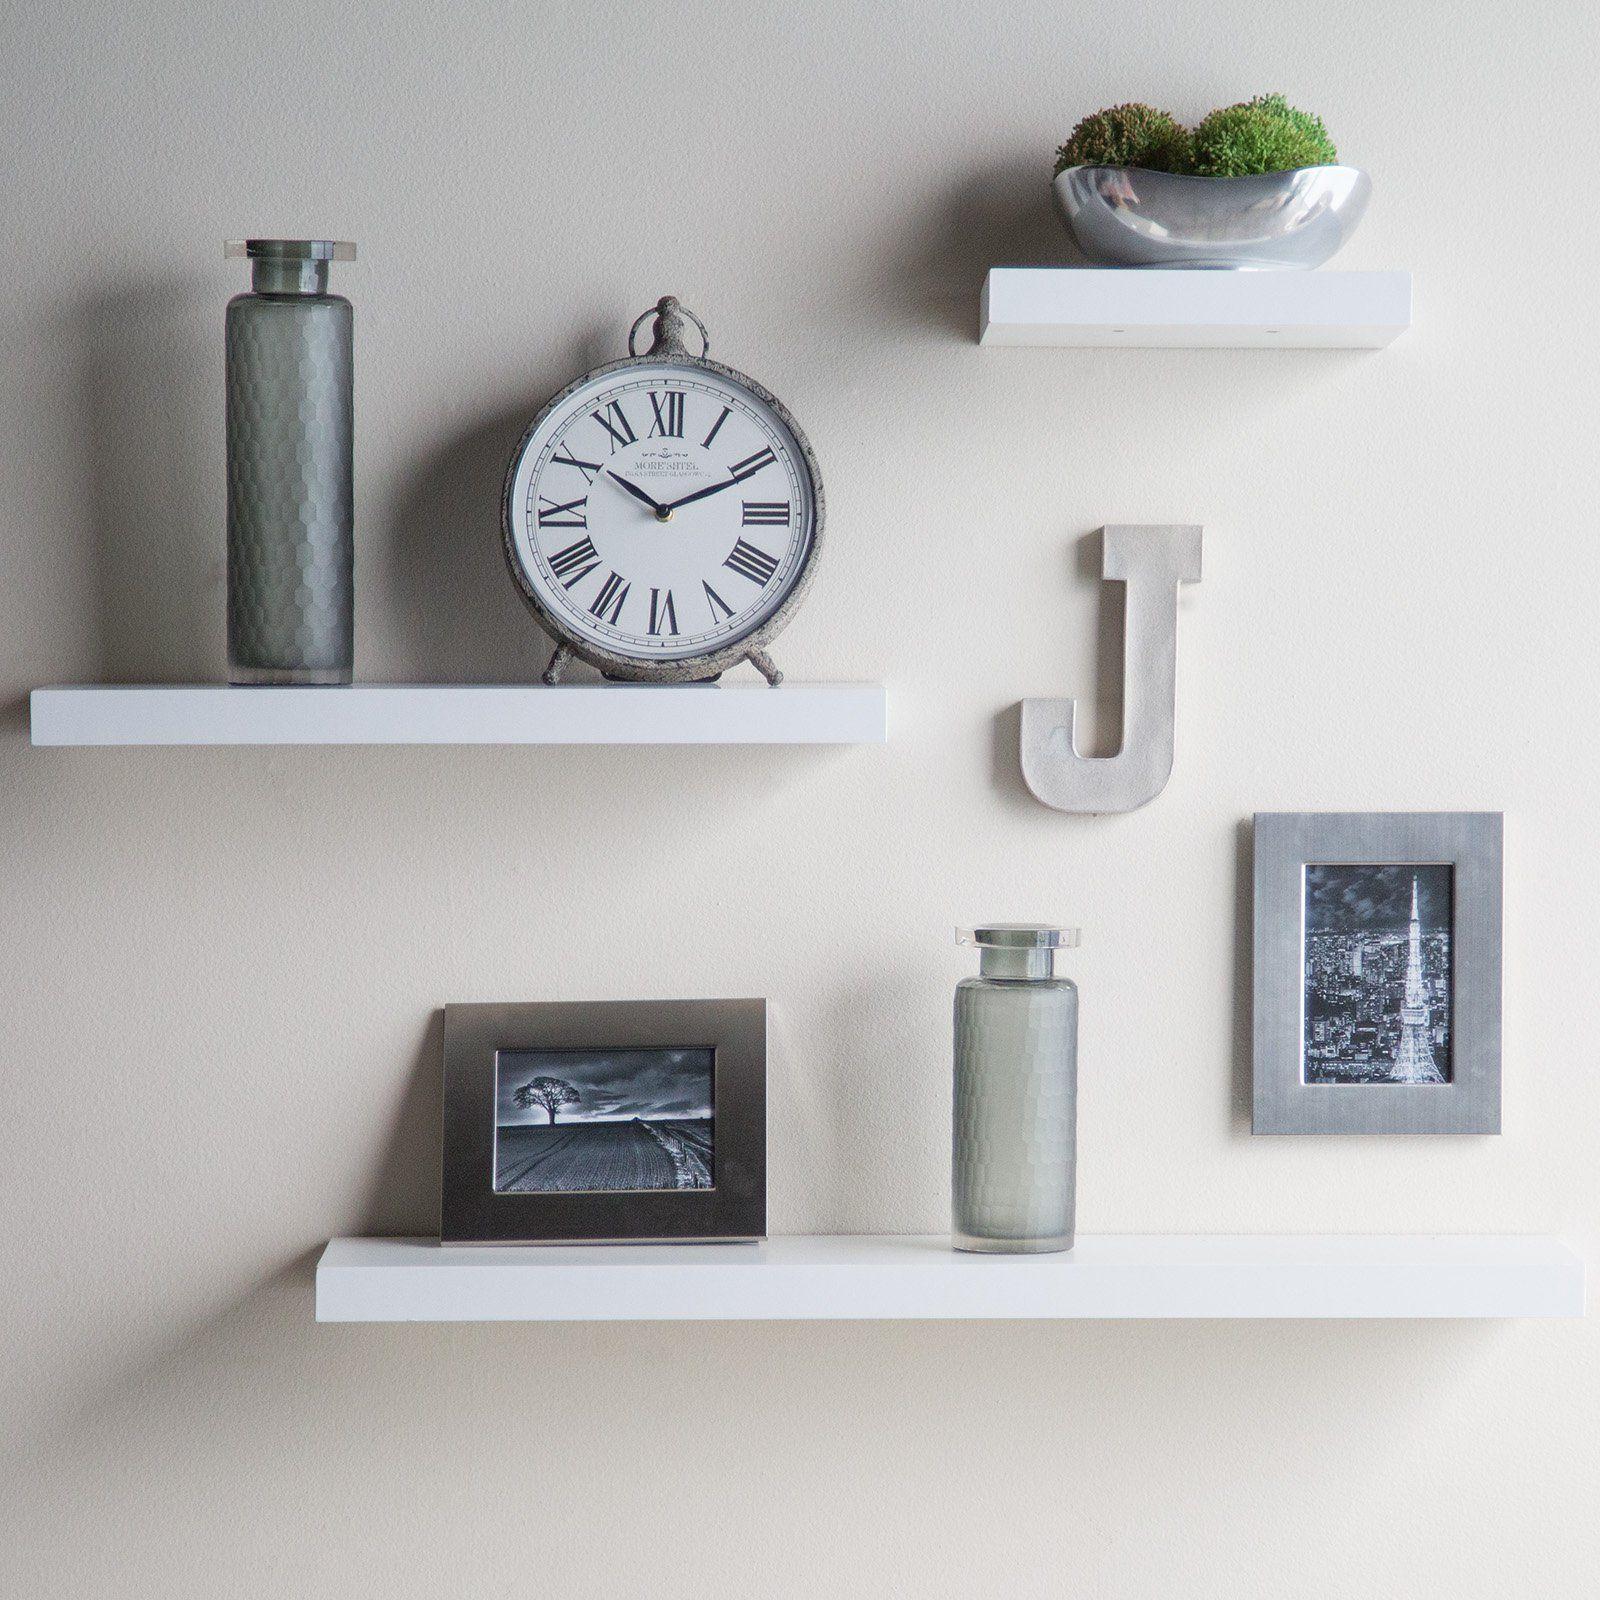 floating wall shelves hudson easy mount floating shelves - 3 pk.  (36 inches / 24 inches / 12 inches) QGWXWOA